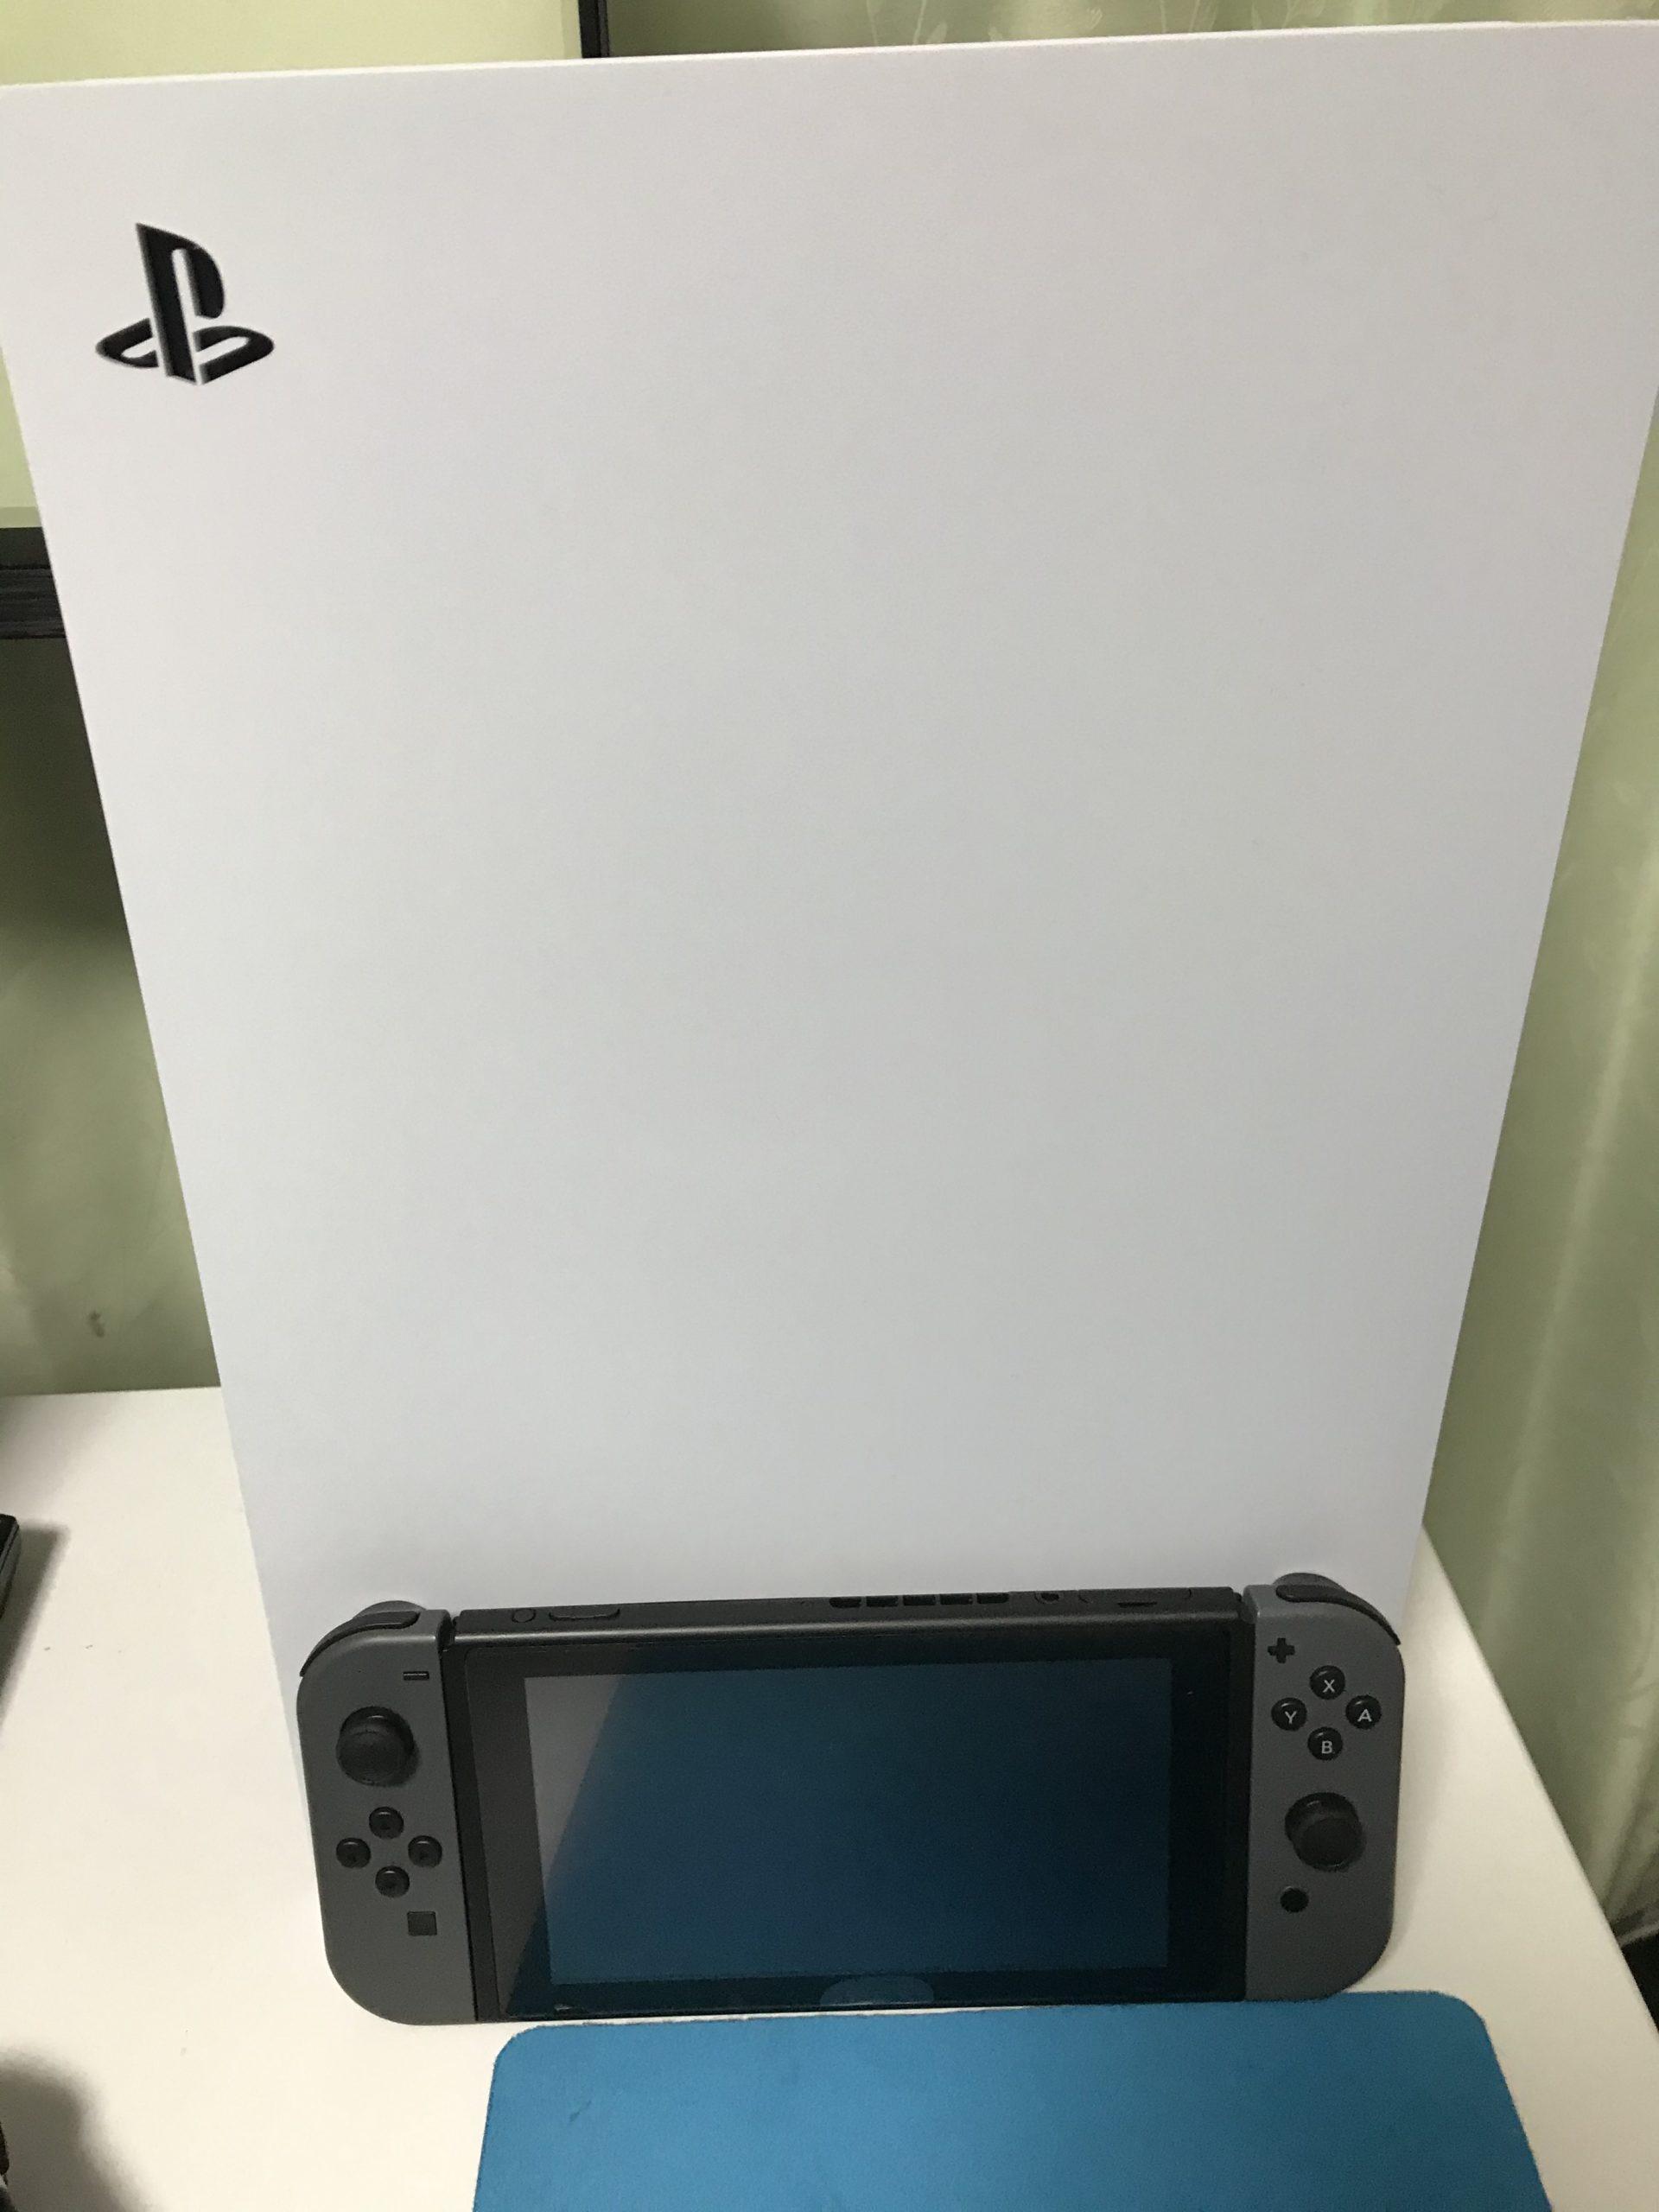 ゲーム 機 ps5 の 日本 で の 発売 日 は いつ